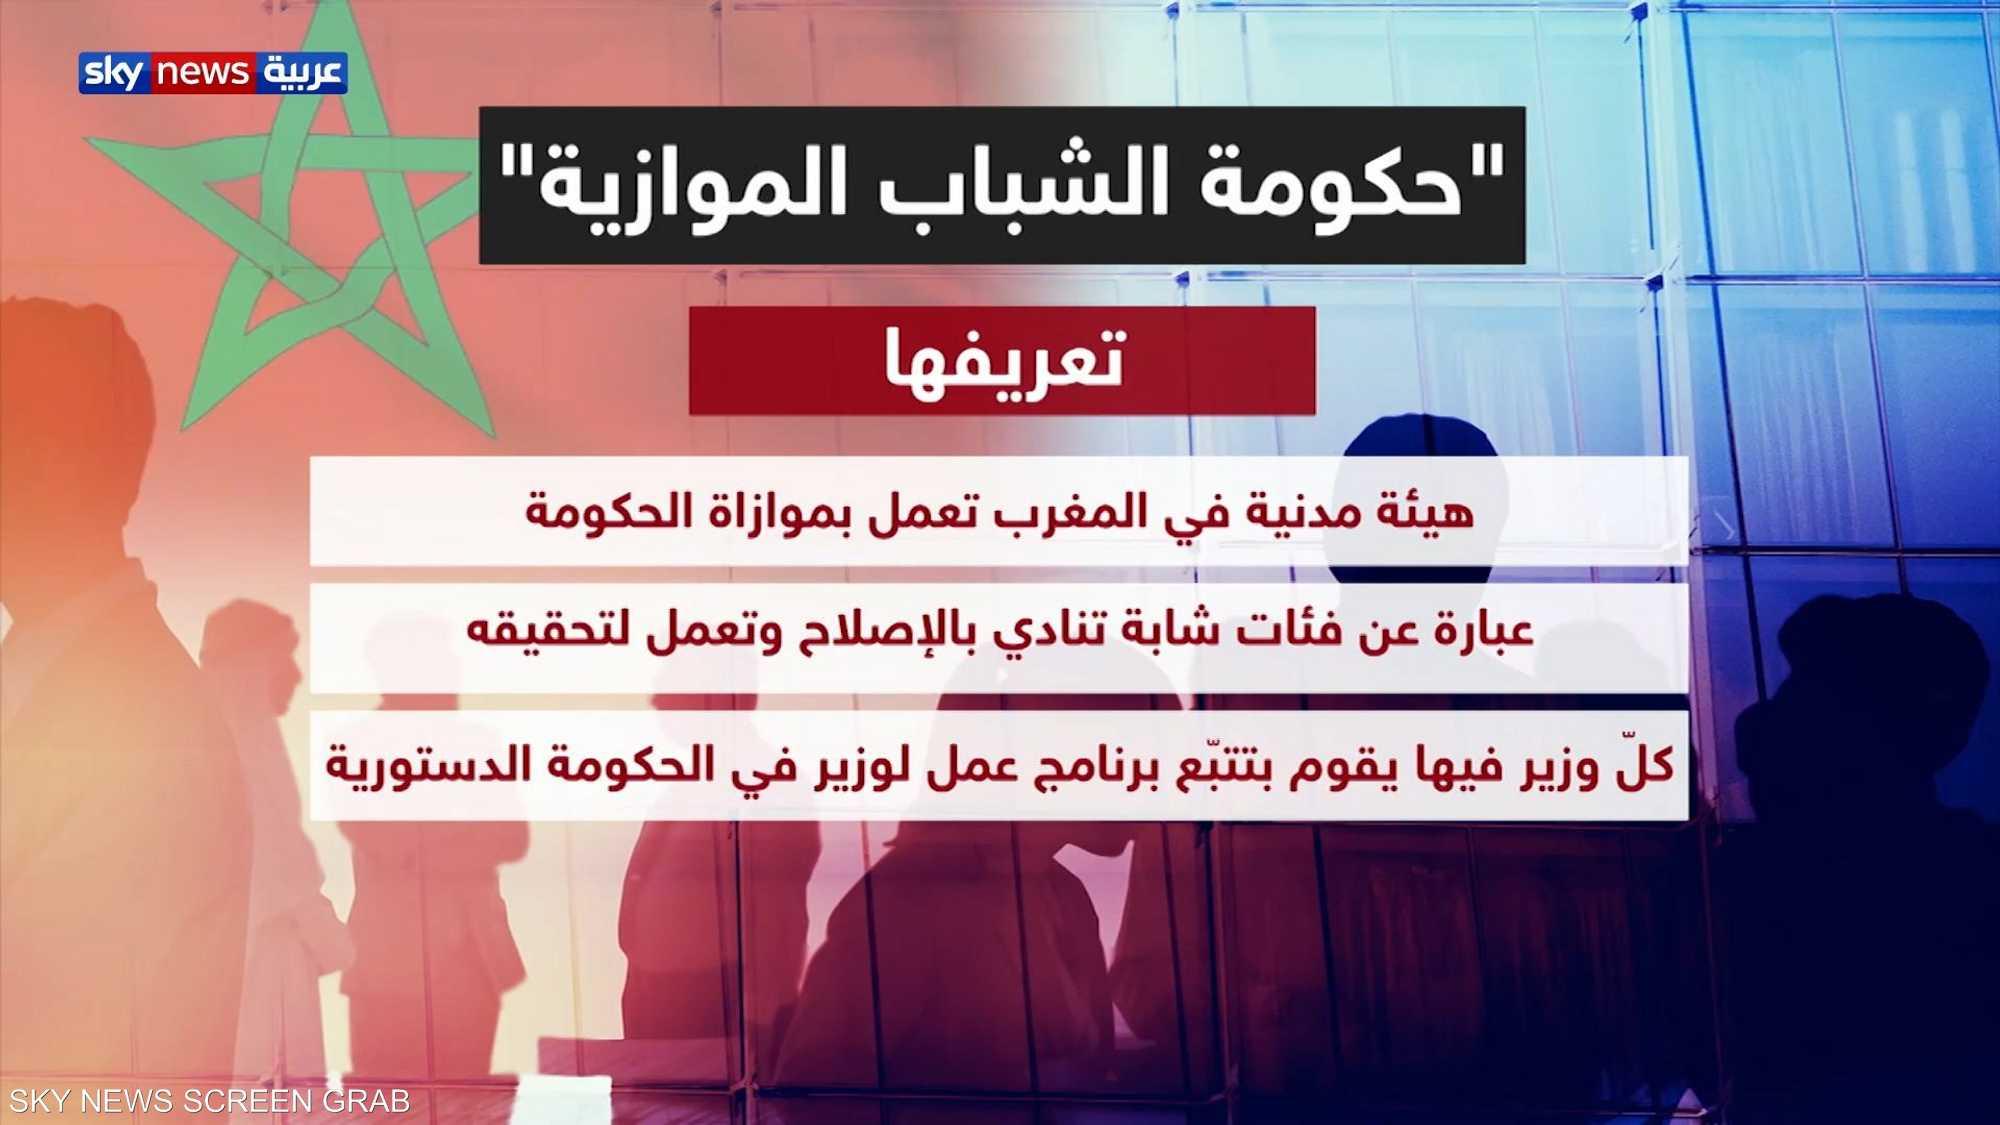 شباب يطلقون نموذجا لحكومة موازية بالمغرب